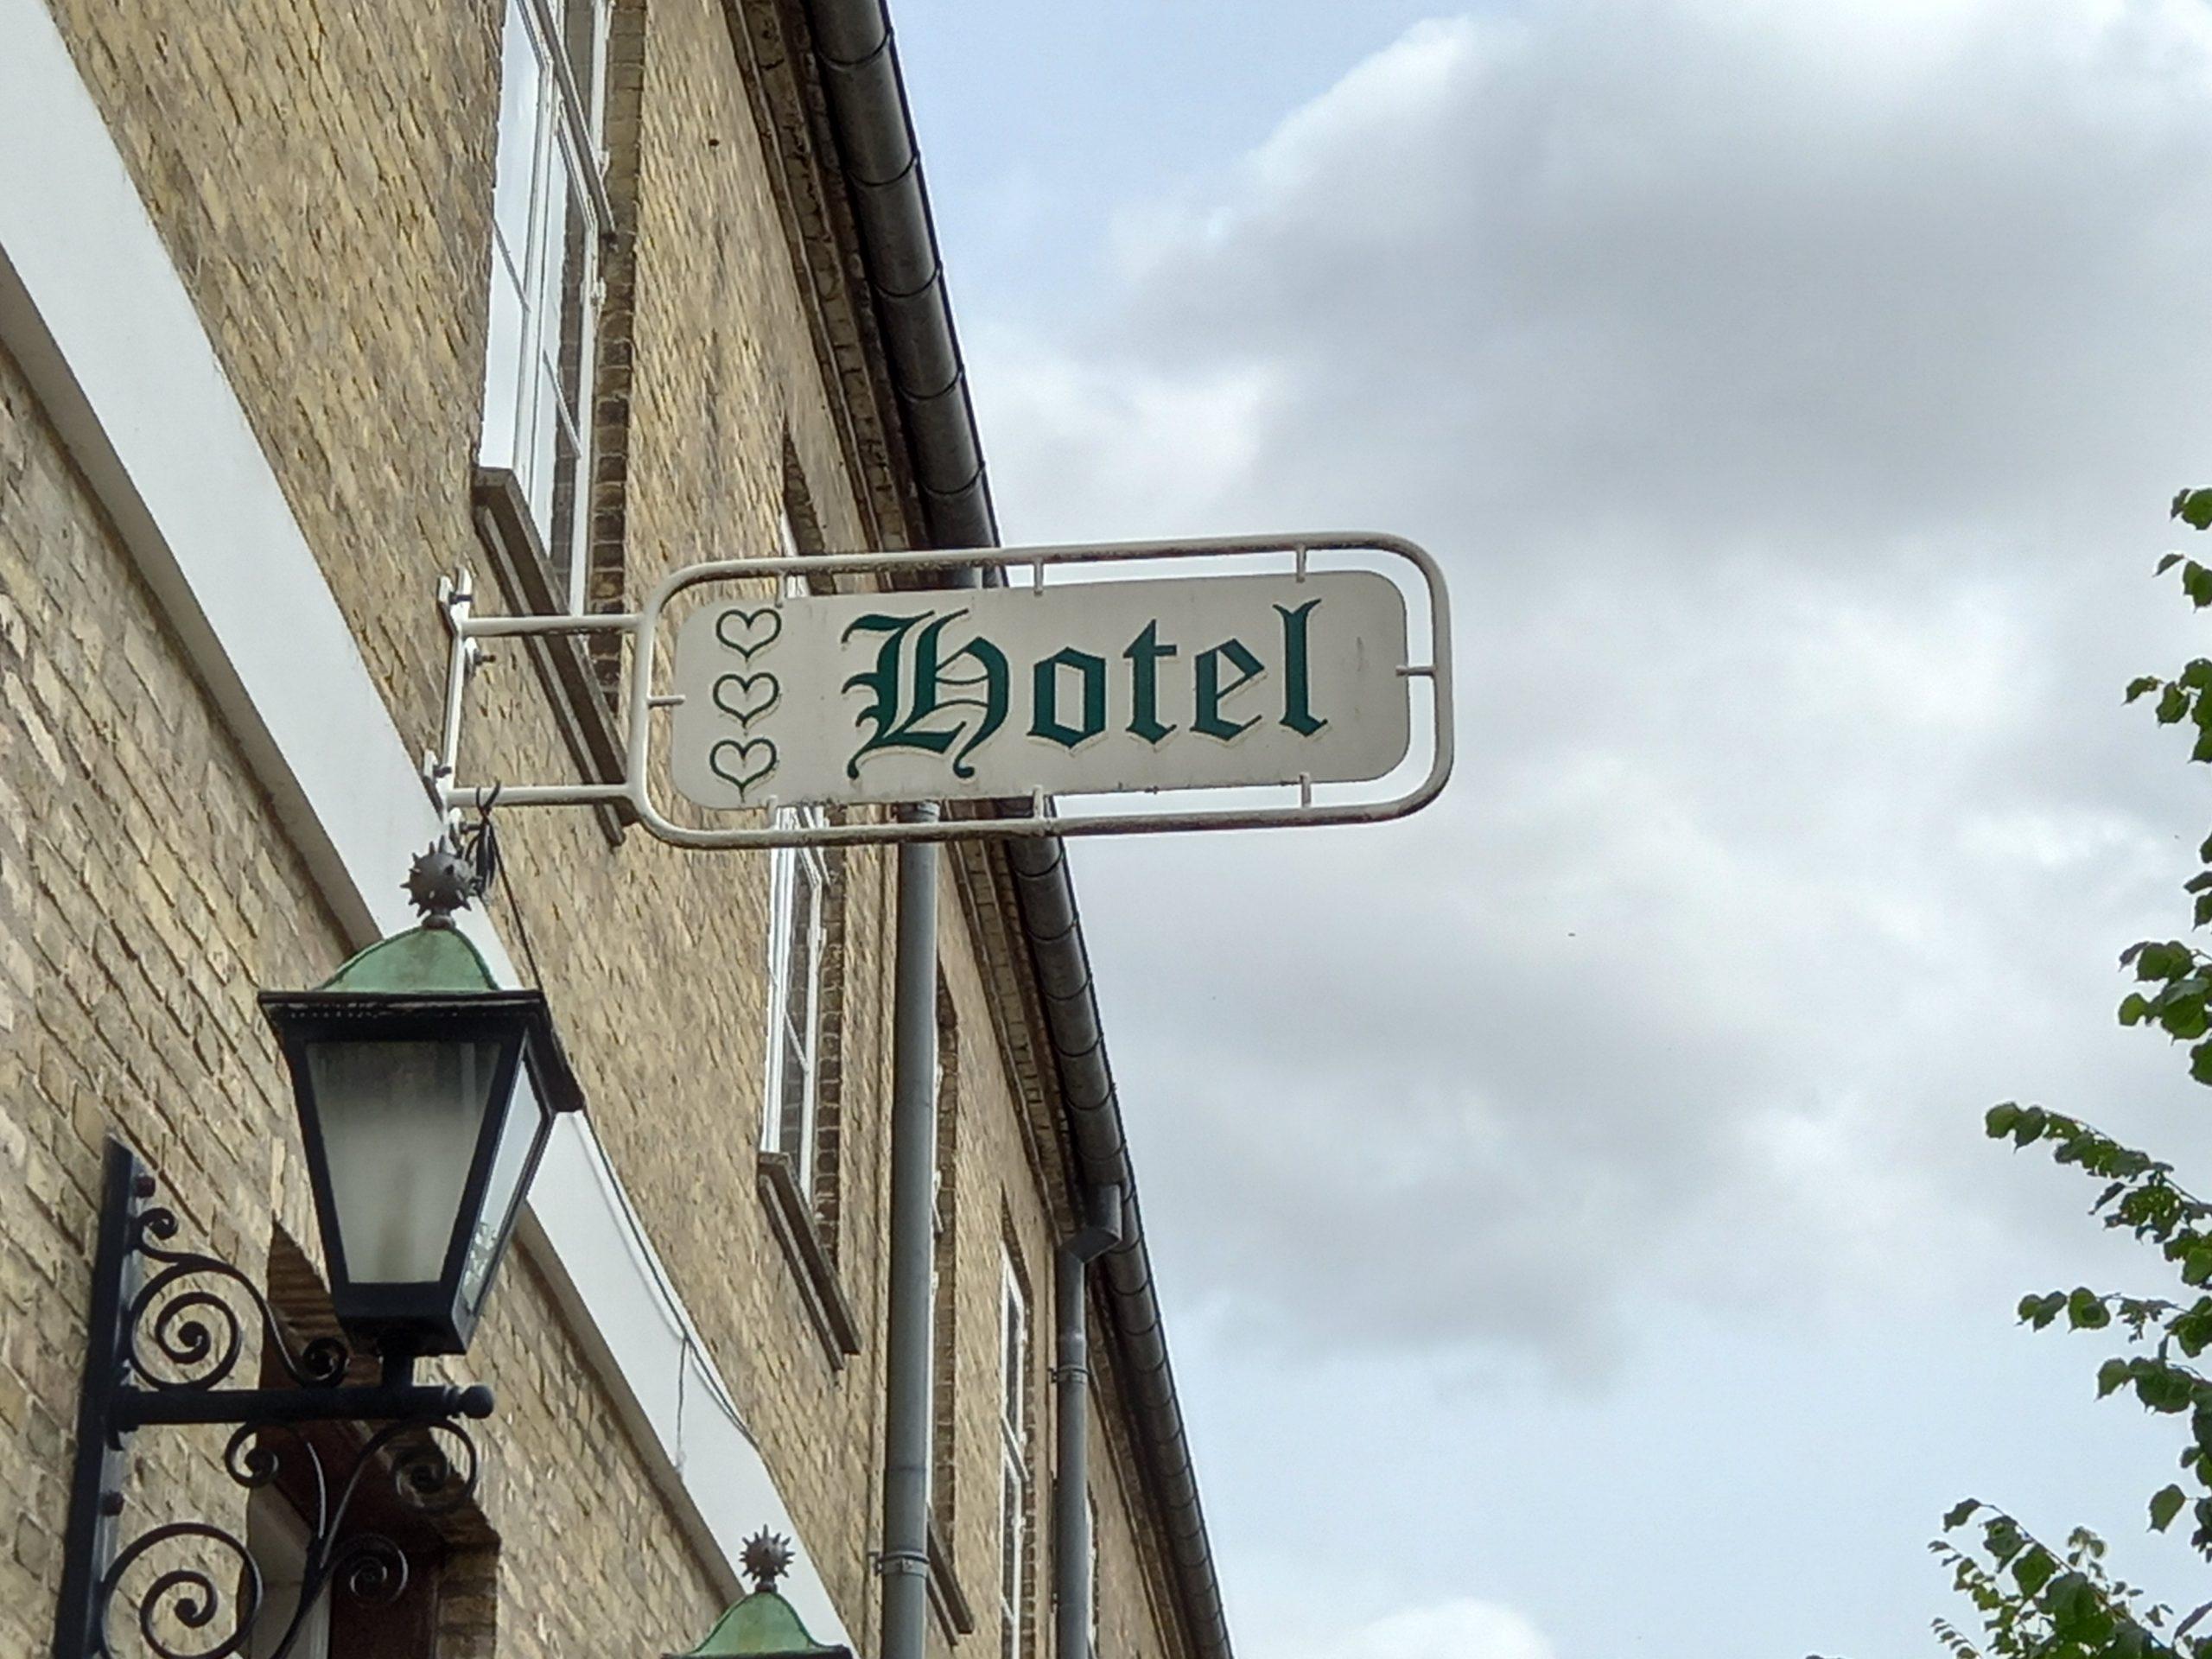 40 procent af medarbejderne i Danske Bank bruger ikke bankens interne bookingprogram når de bestiller hotel. For at forbedre det tal, har bankens travel manager været på kursus. Arkivfoto: Henrik Baumgarten.